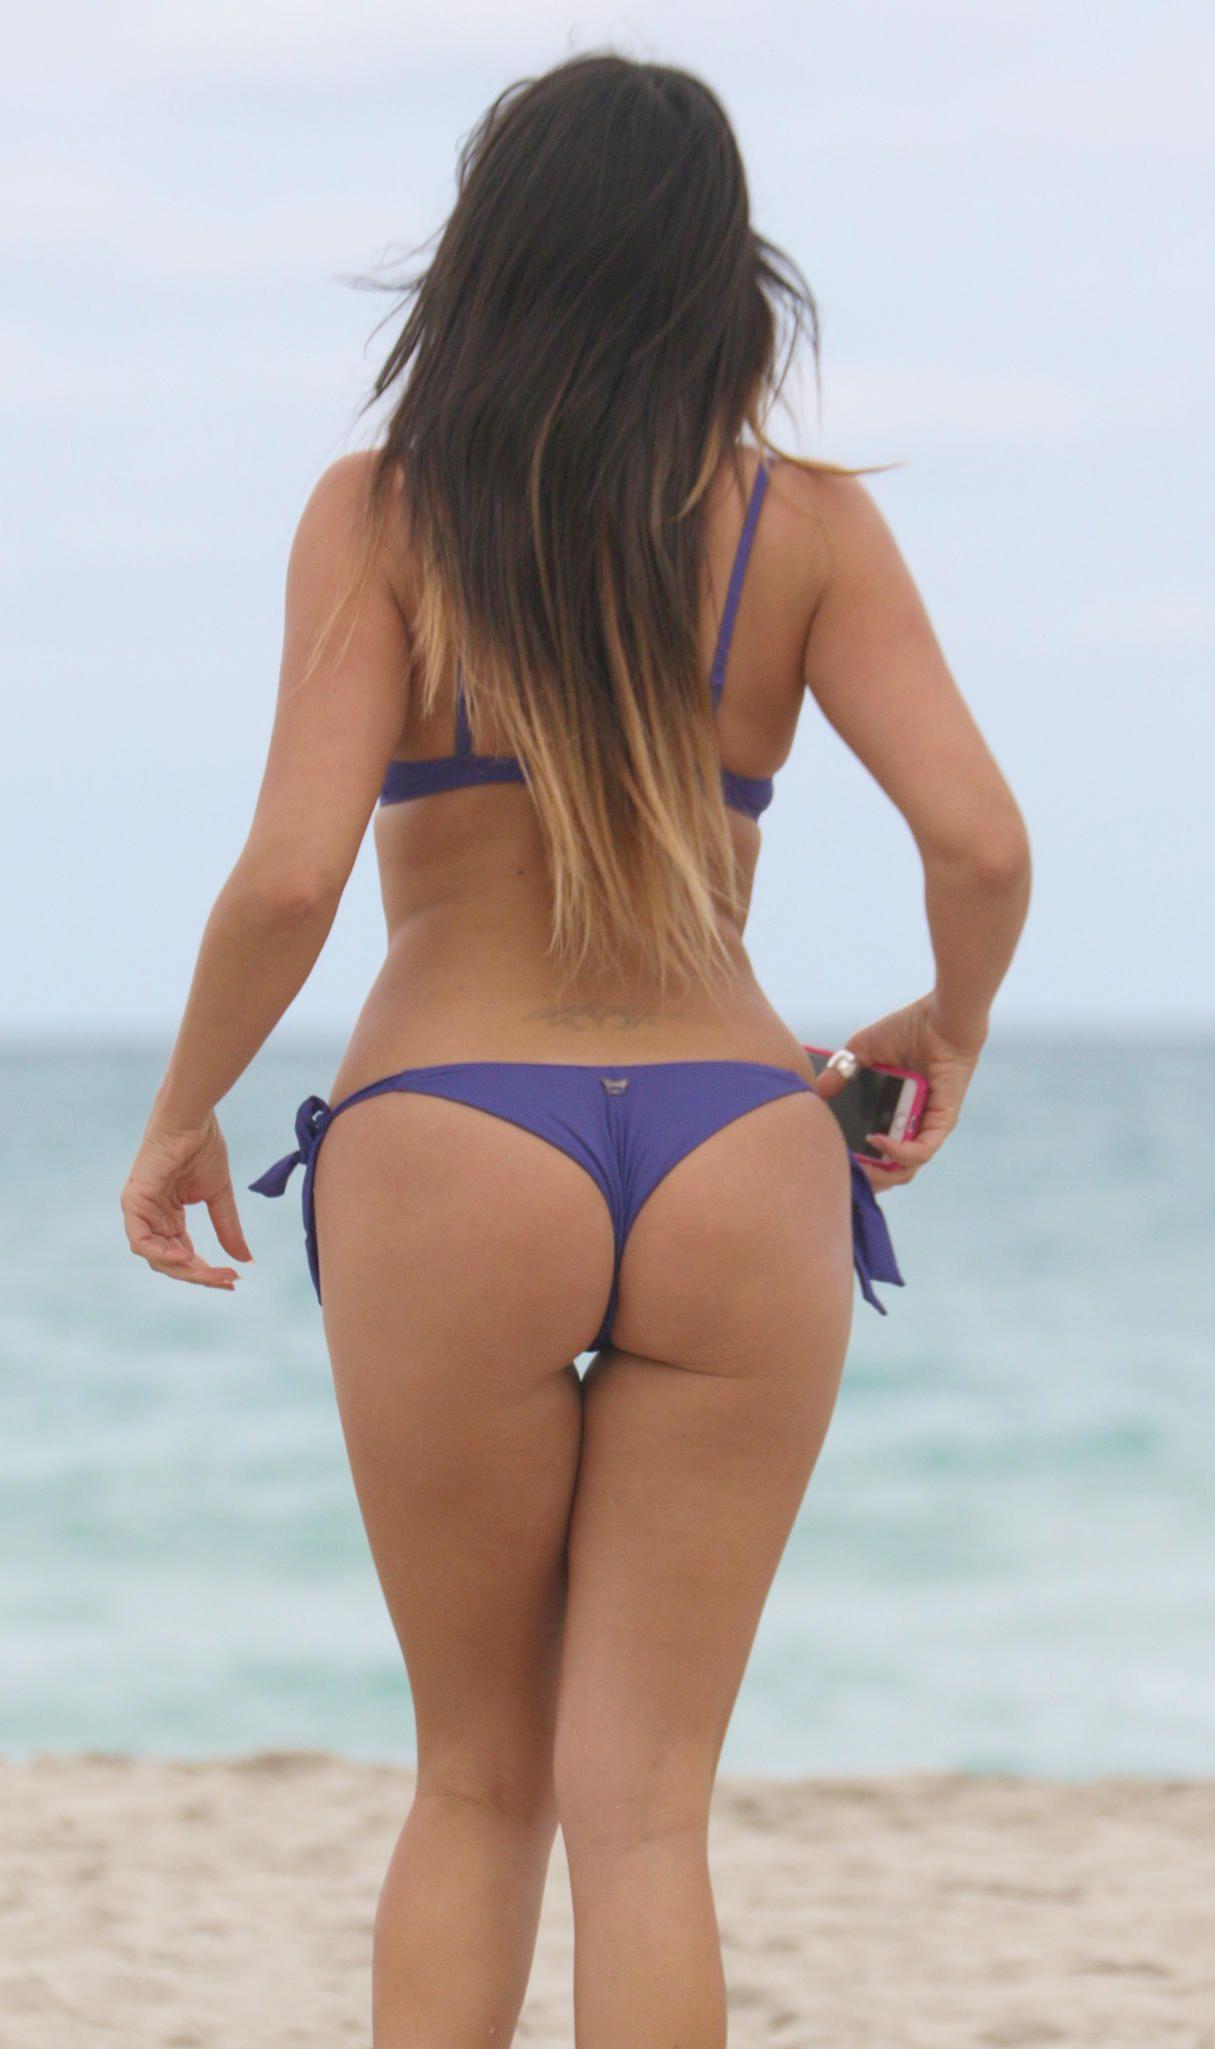 Claudia-Romani-in-a-Bikini-5